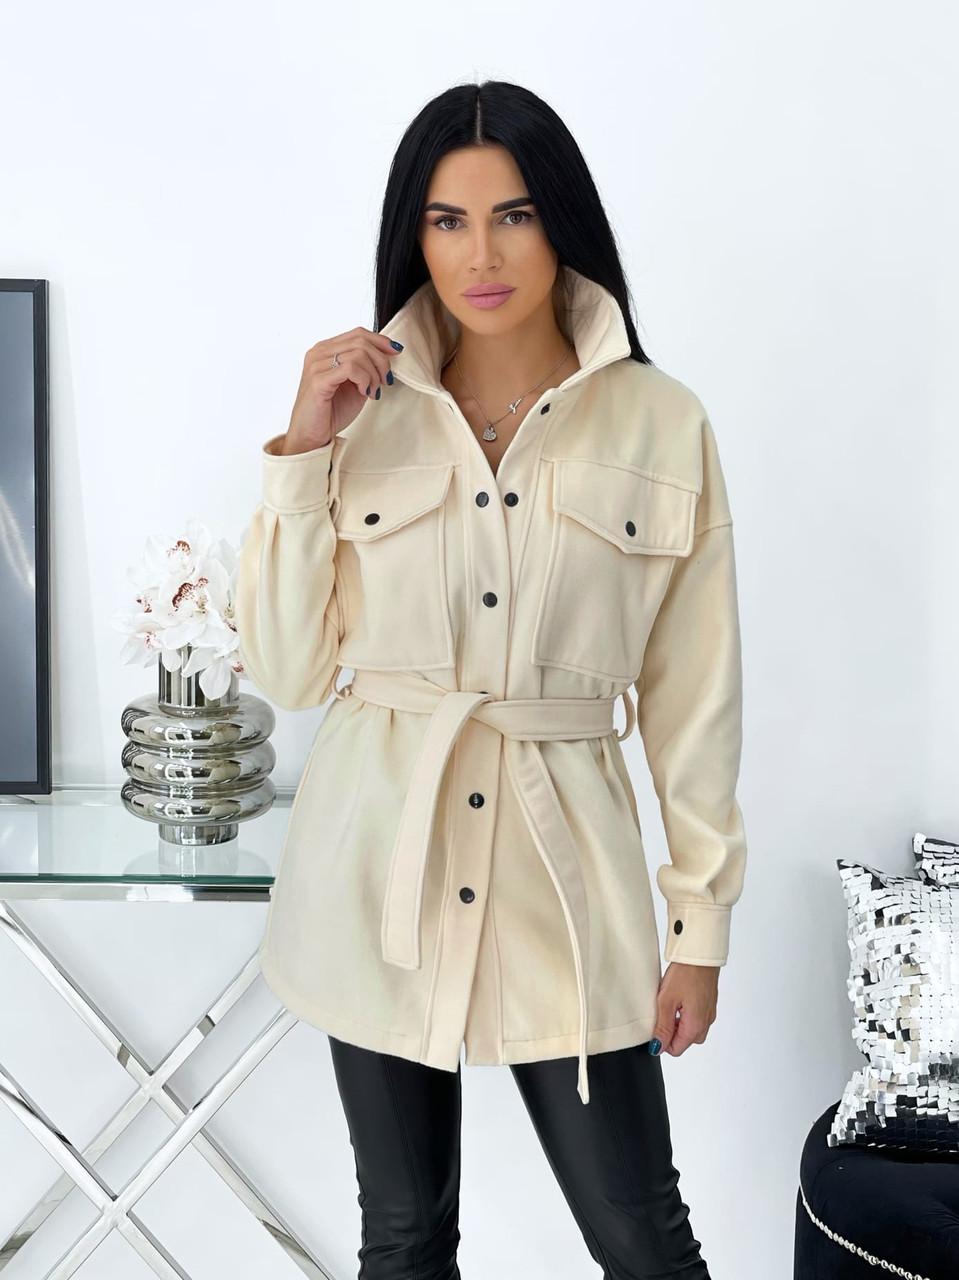 Класичне кашемірове жіноче пальто на заклепках і поясі